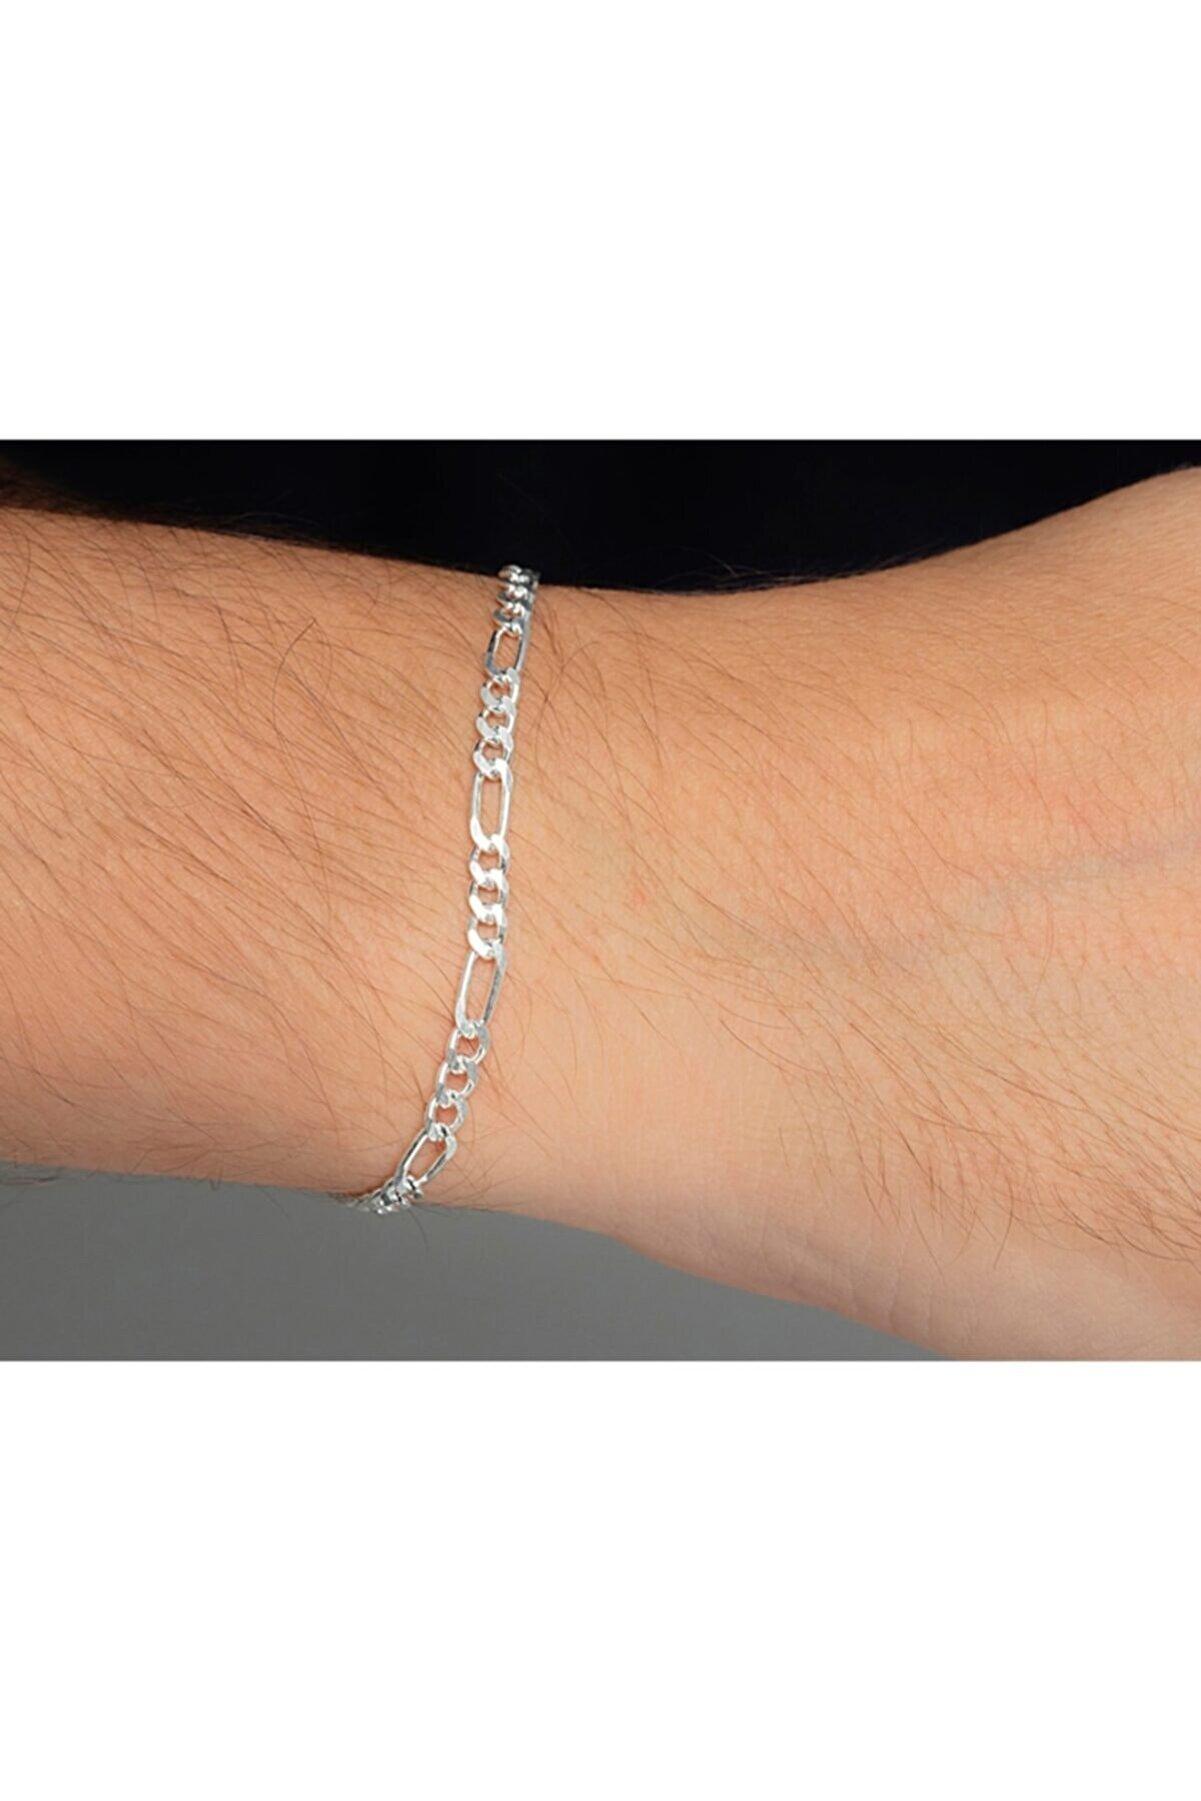 ENCİLİ SİLVER 925 Ayar Erkek Gümüş Zincir Figaro Bileklik